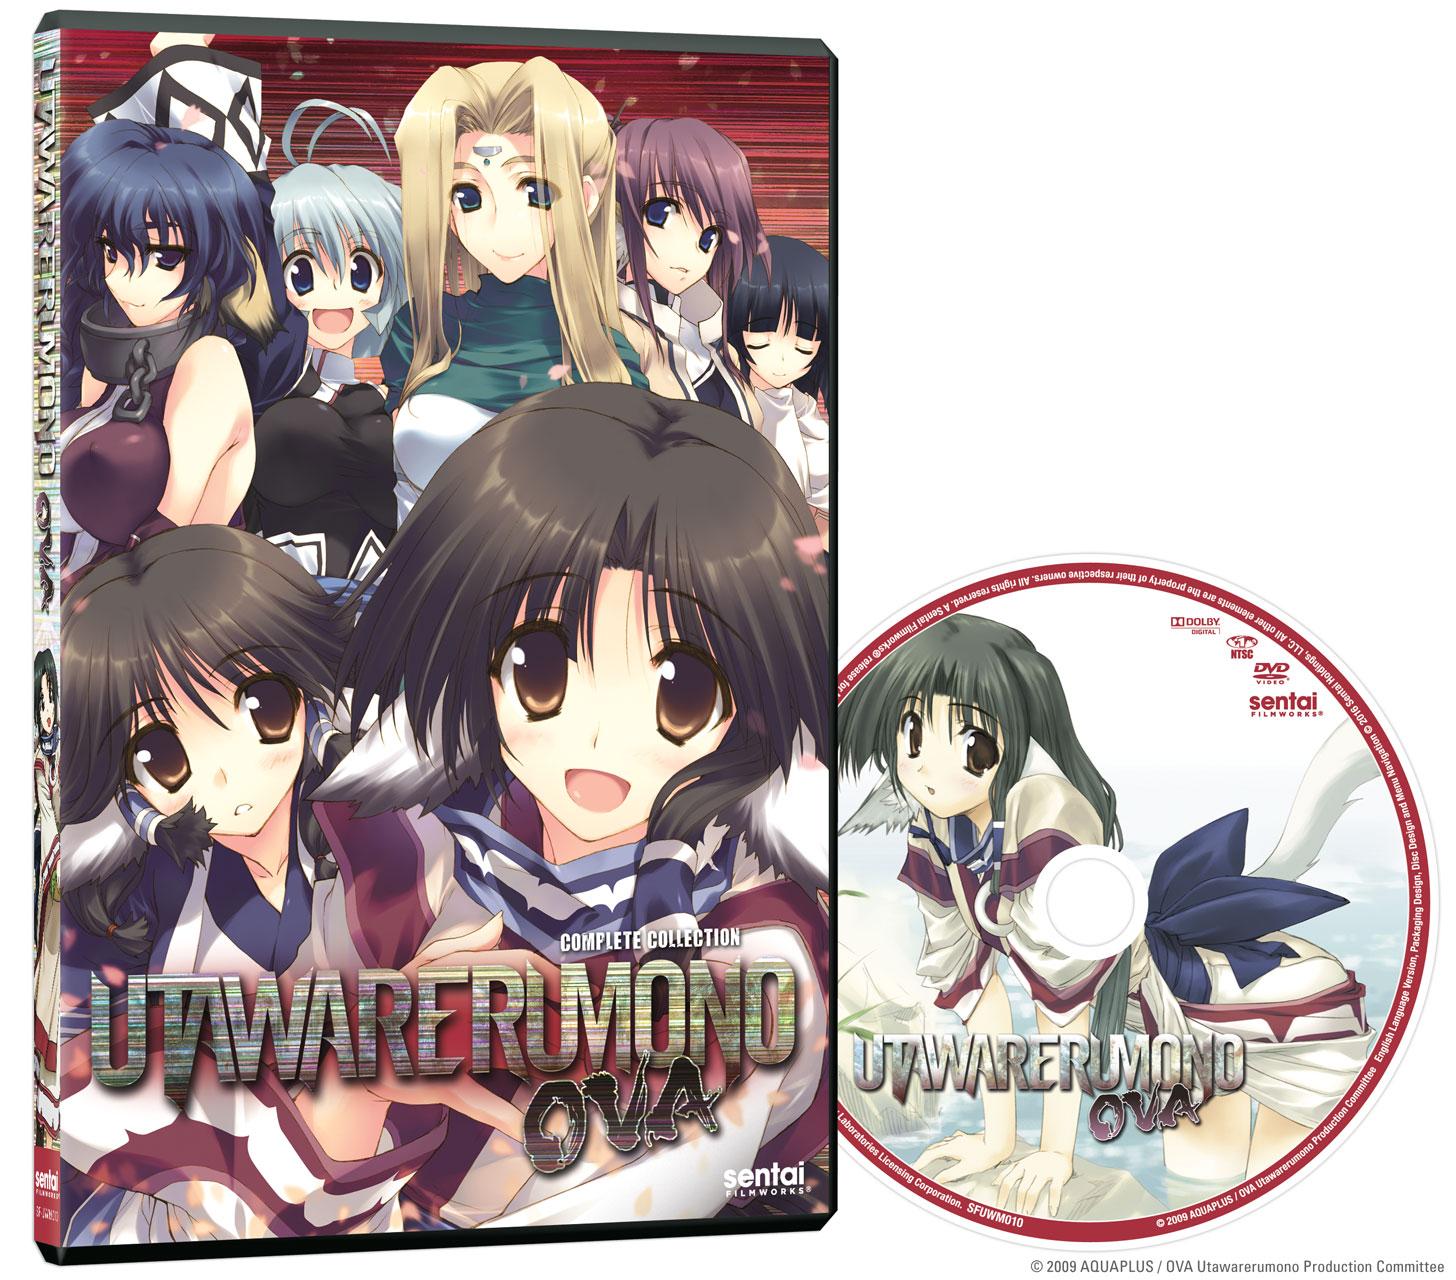 Utawarerumono OVA DVD